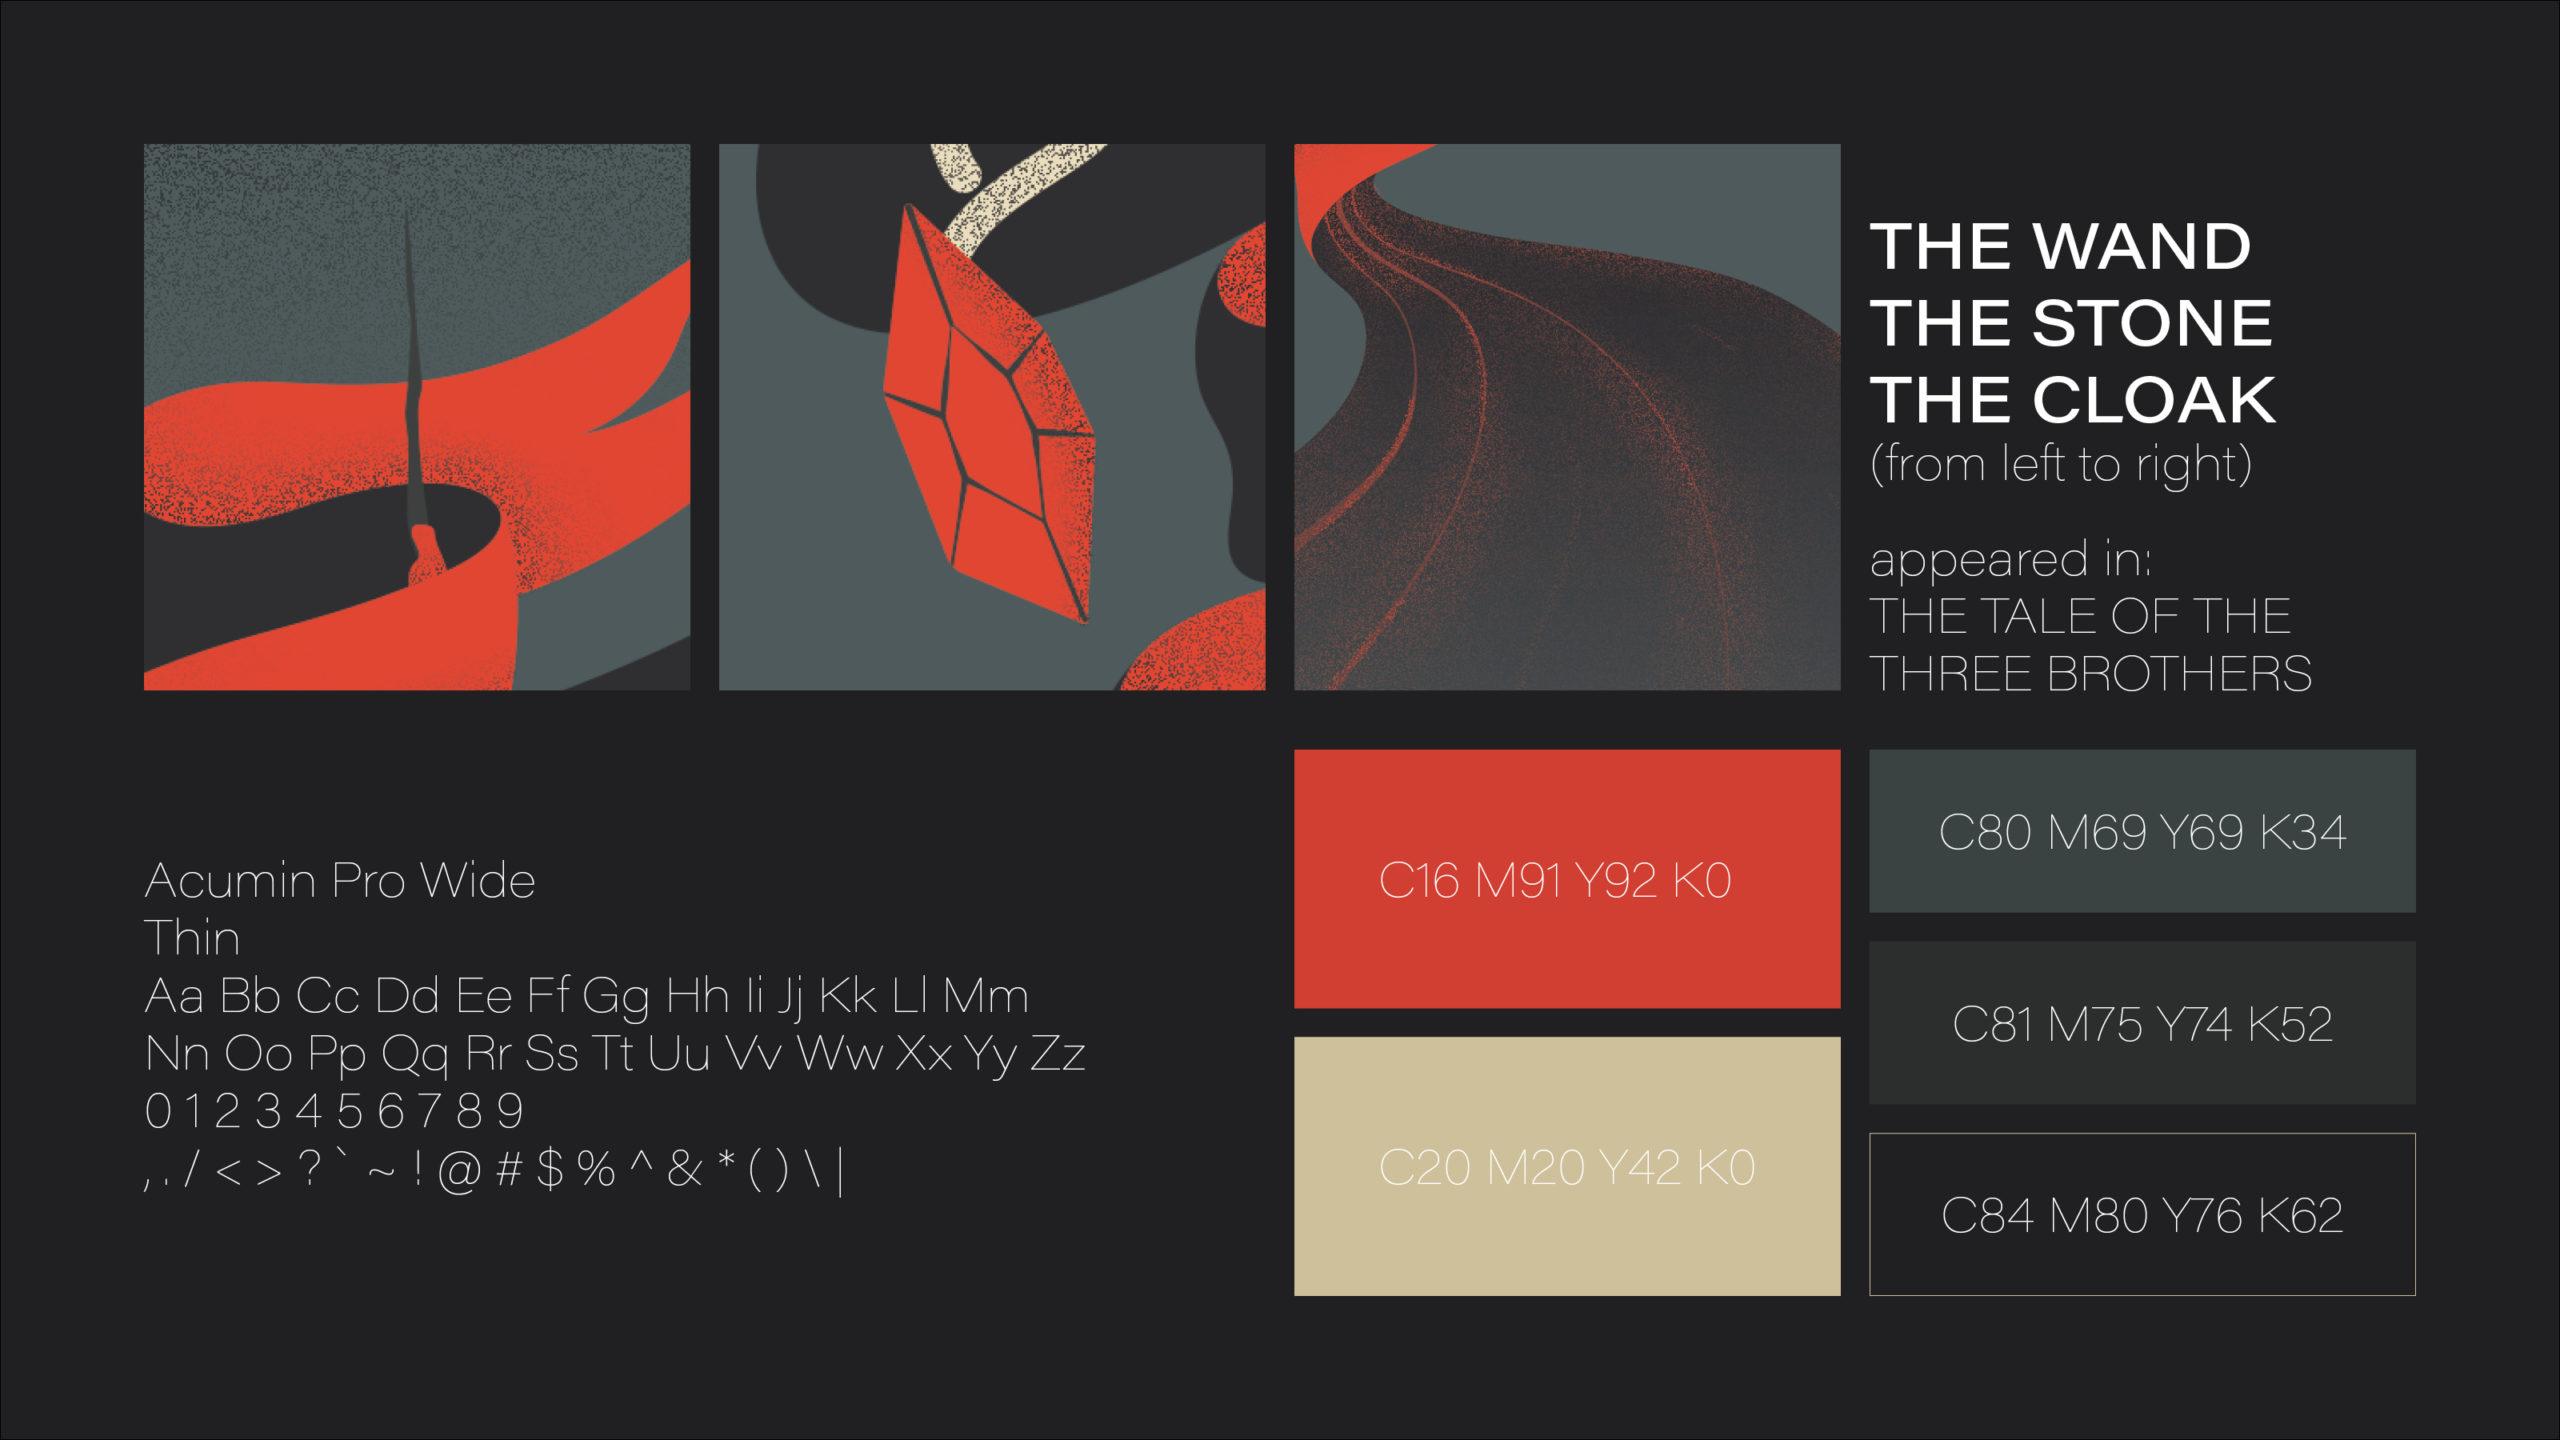 graphic design by Yingda Xu